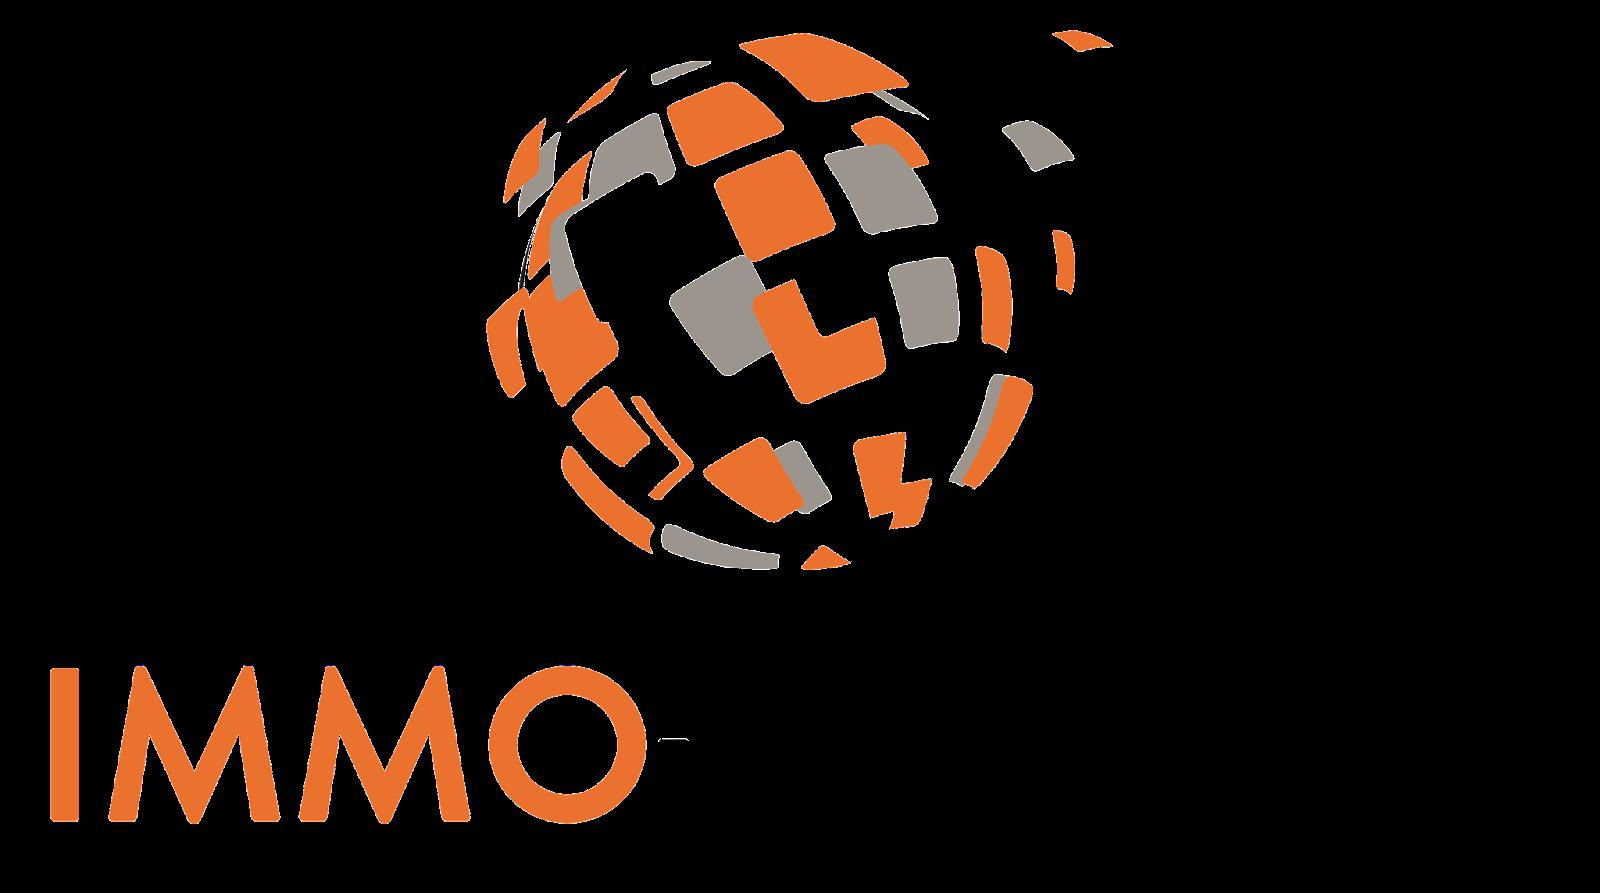 IMMO-WERELD | Immobiliën